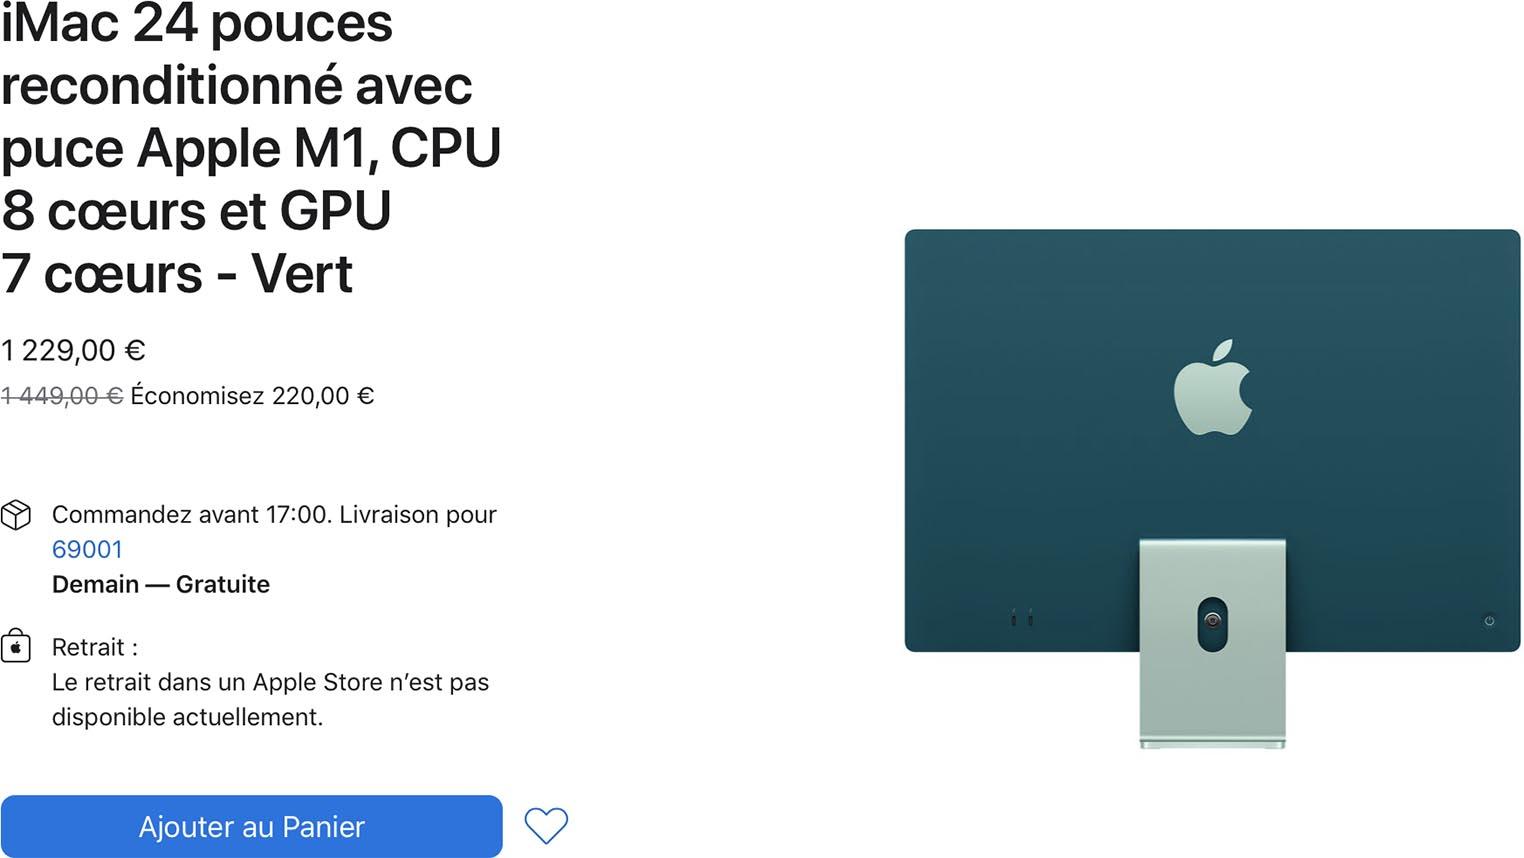 iMac M1 vert Refurb Store